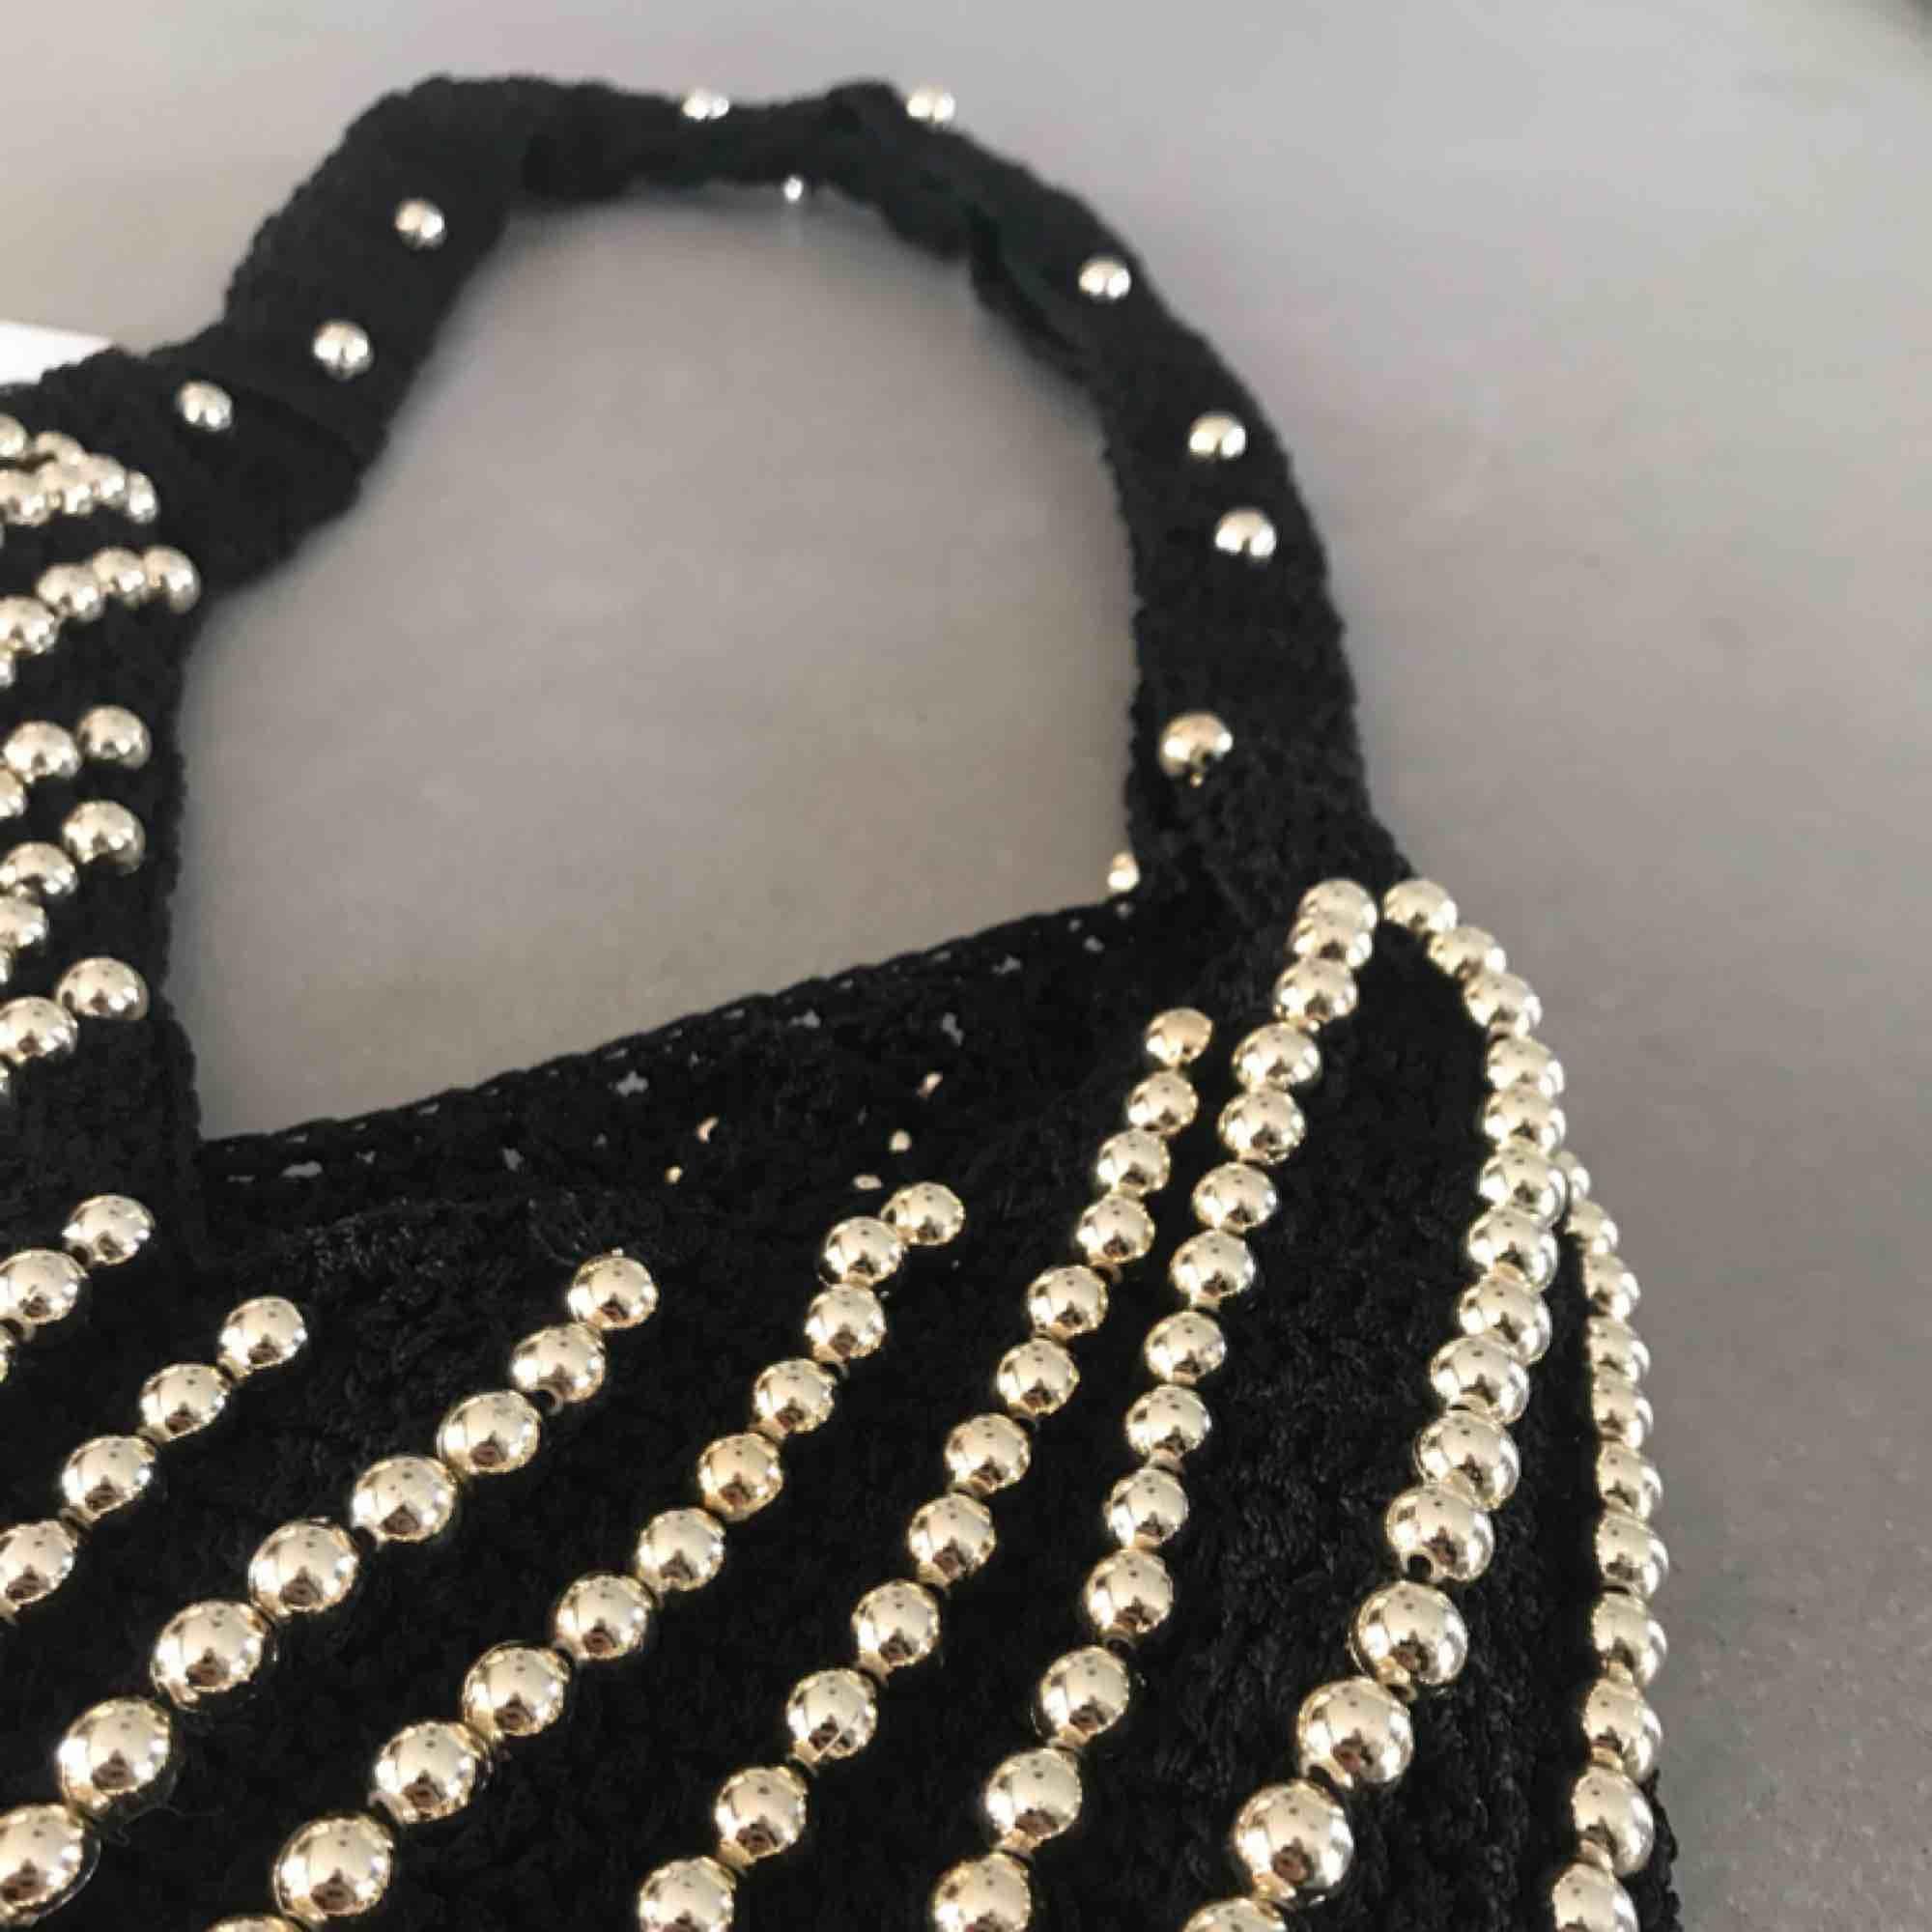 Påsväska i svart virkning med guldpärlor. Aldrig använd och alldeles ny (nypris 350 kr). Mått: Höjdxbredd - 31x25,5 cm. Köparen står för frakt. Väskor.